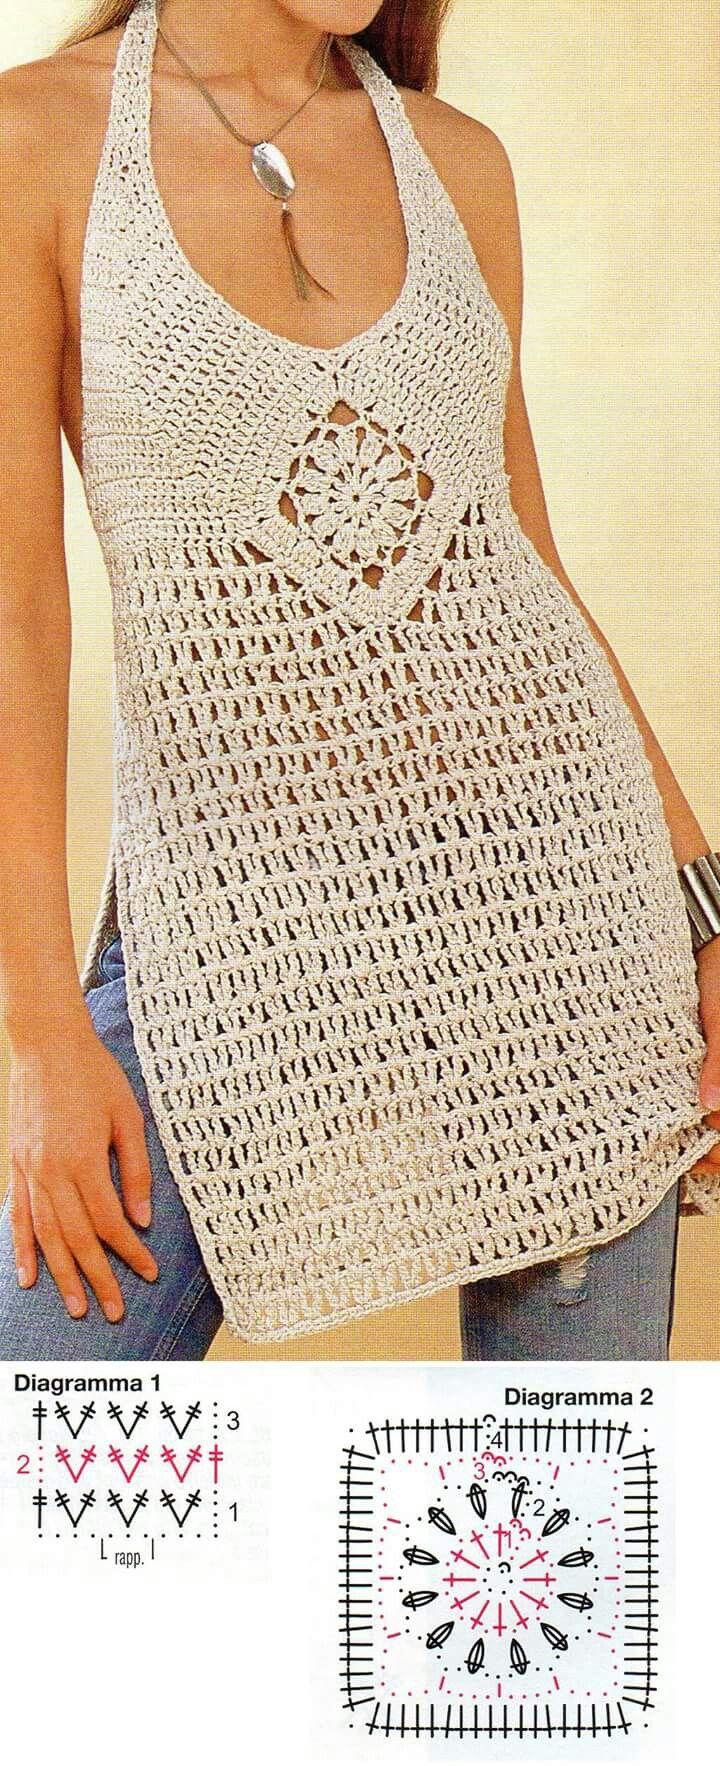 Hermosa Los Patrones De Crochet Libre Para Las Tapas De Las Mujeres ...